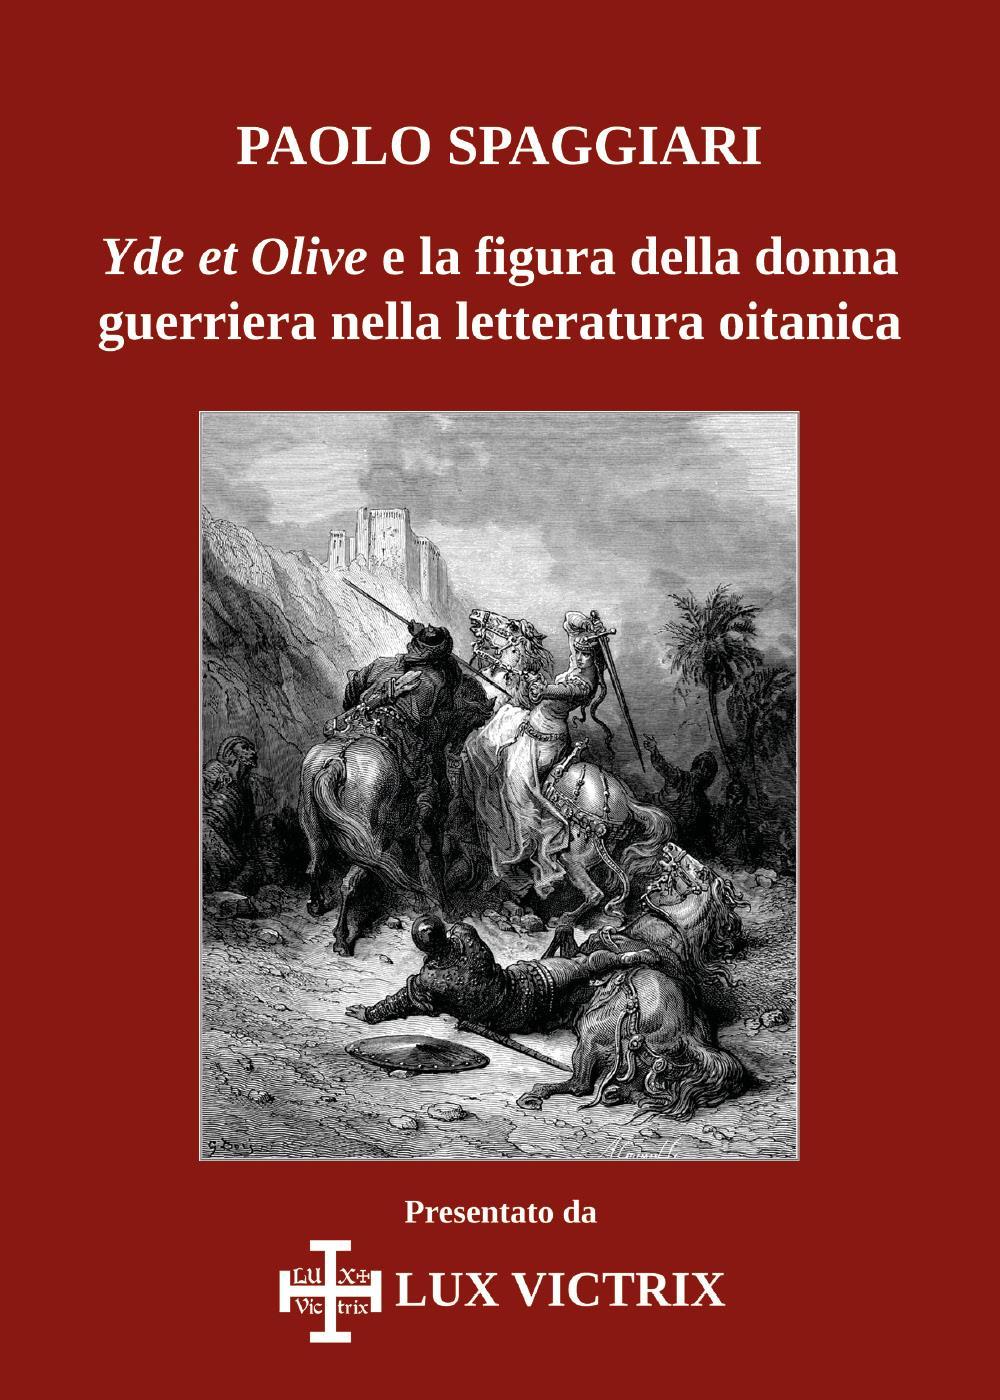 Yde et Olive e la figura della donna guerriera nella letteratura oitanica